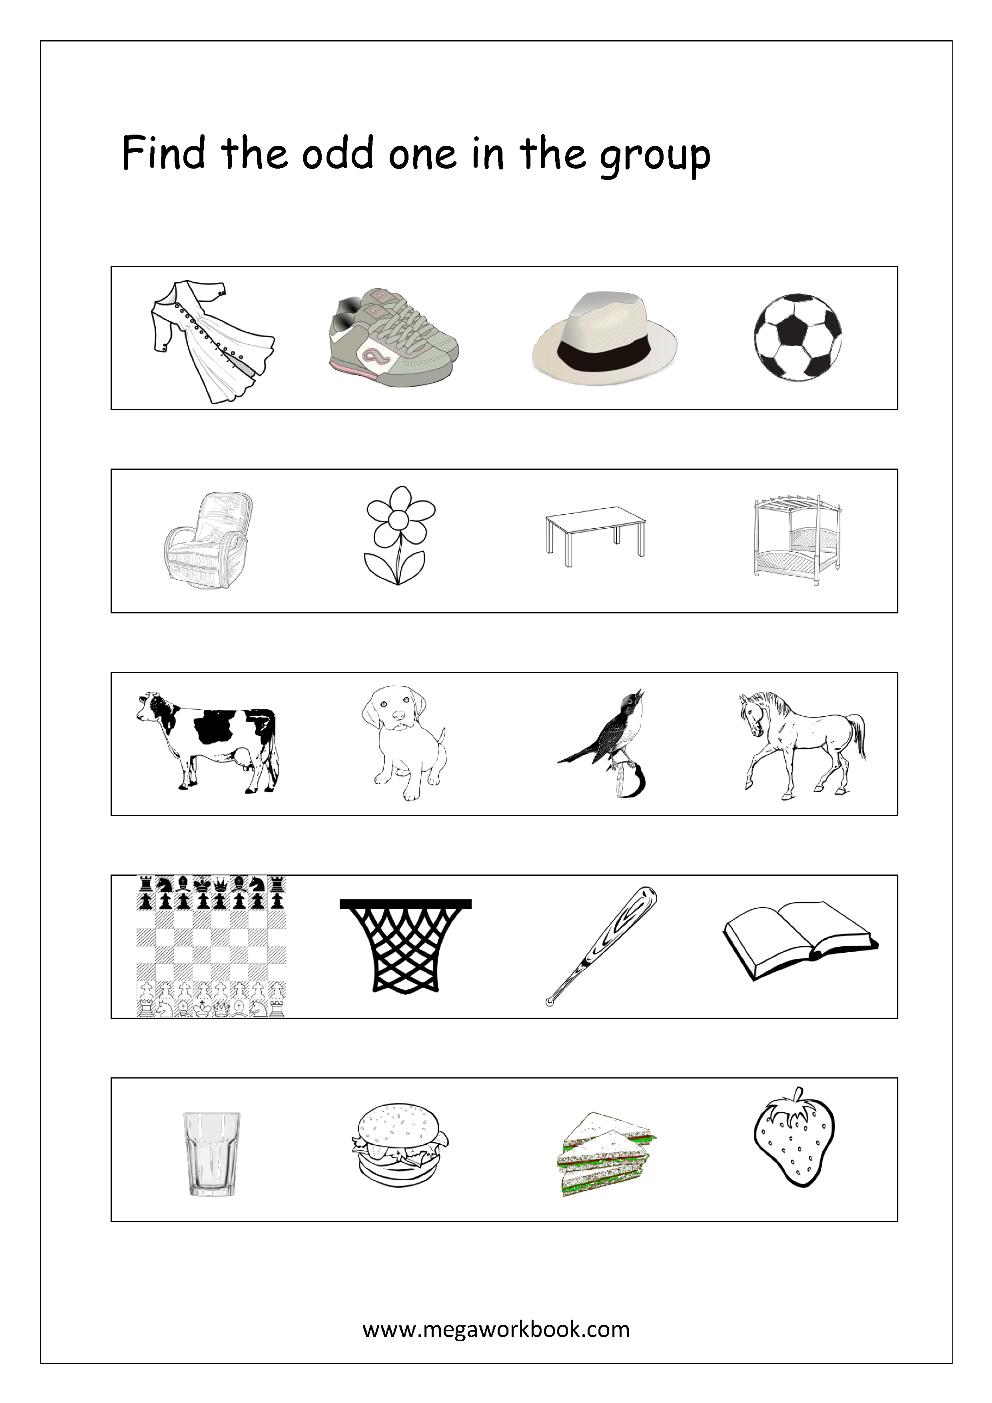 Worksheet : Kindergarten Logic Worksheets For Kids The Best Image - Printable Puzzle For Kindergarten